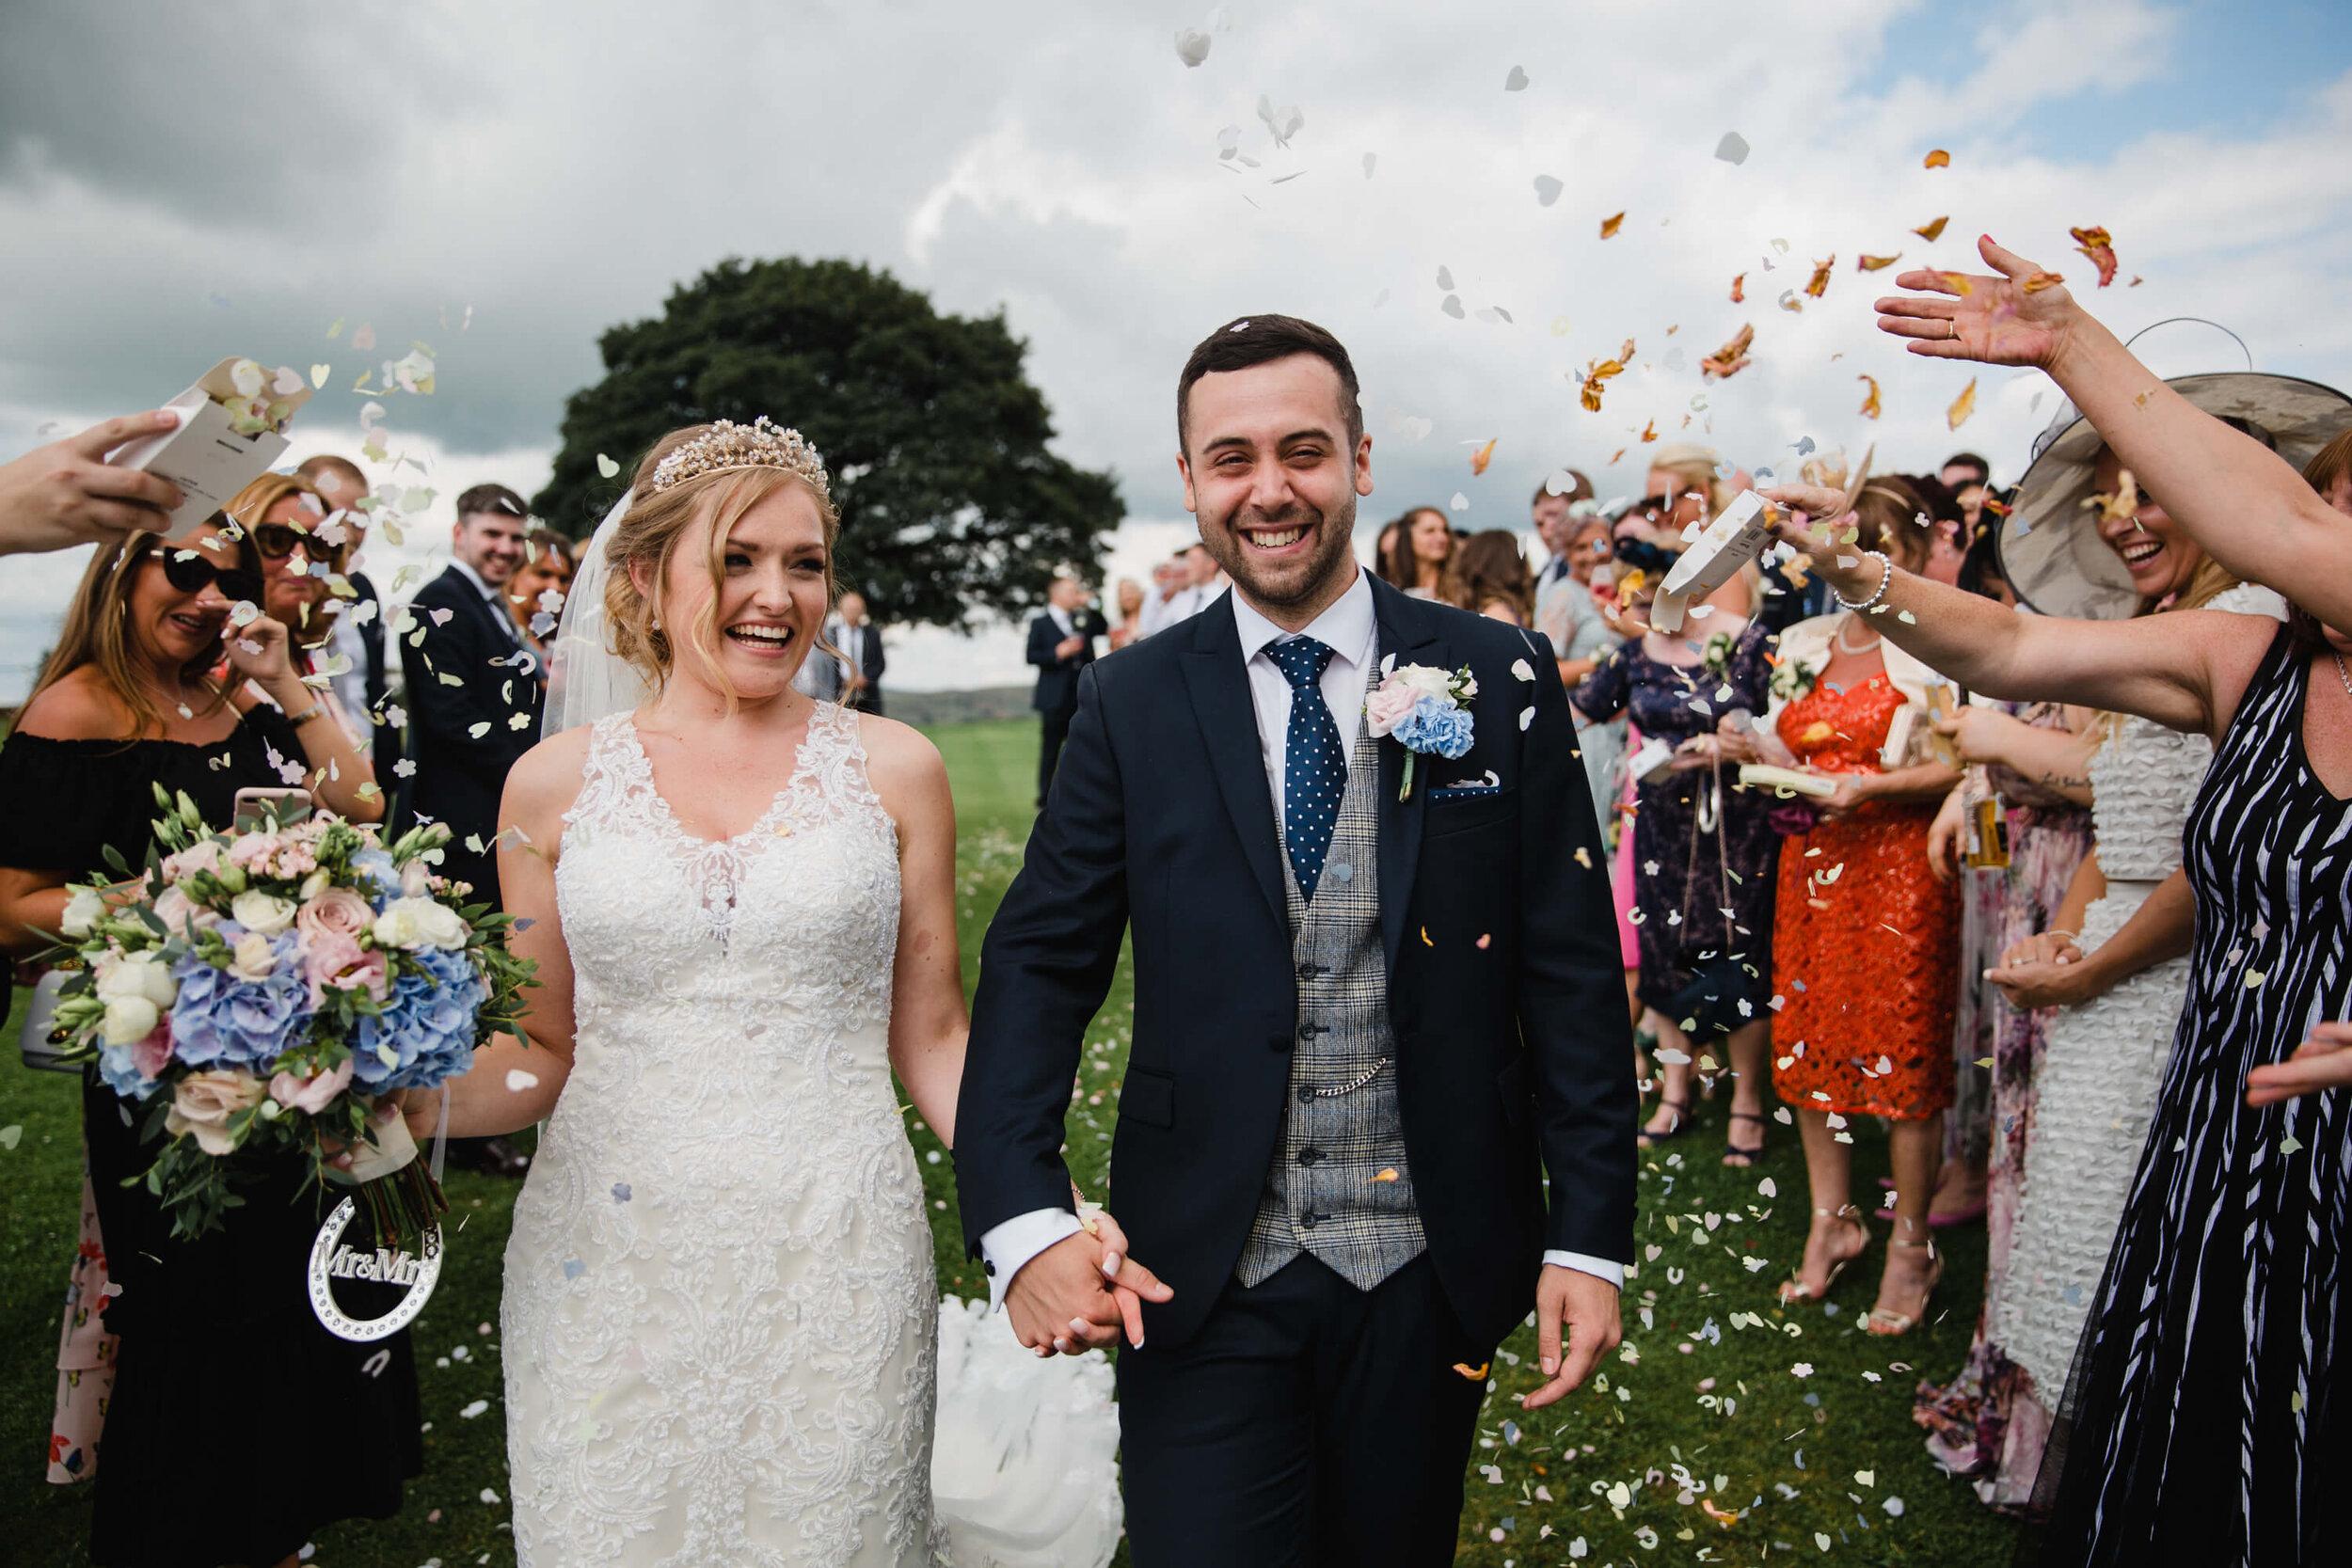 Heaton_House_Farm_Wedding_Photography_059.jpg